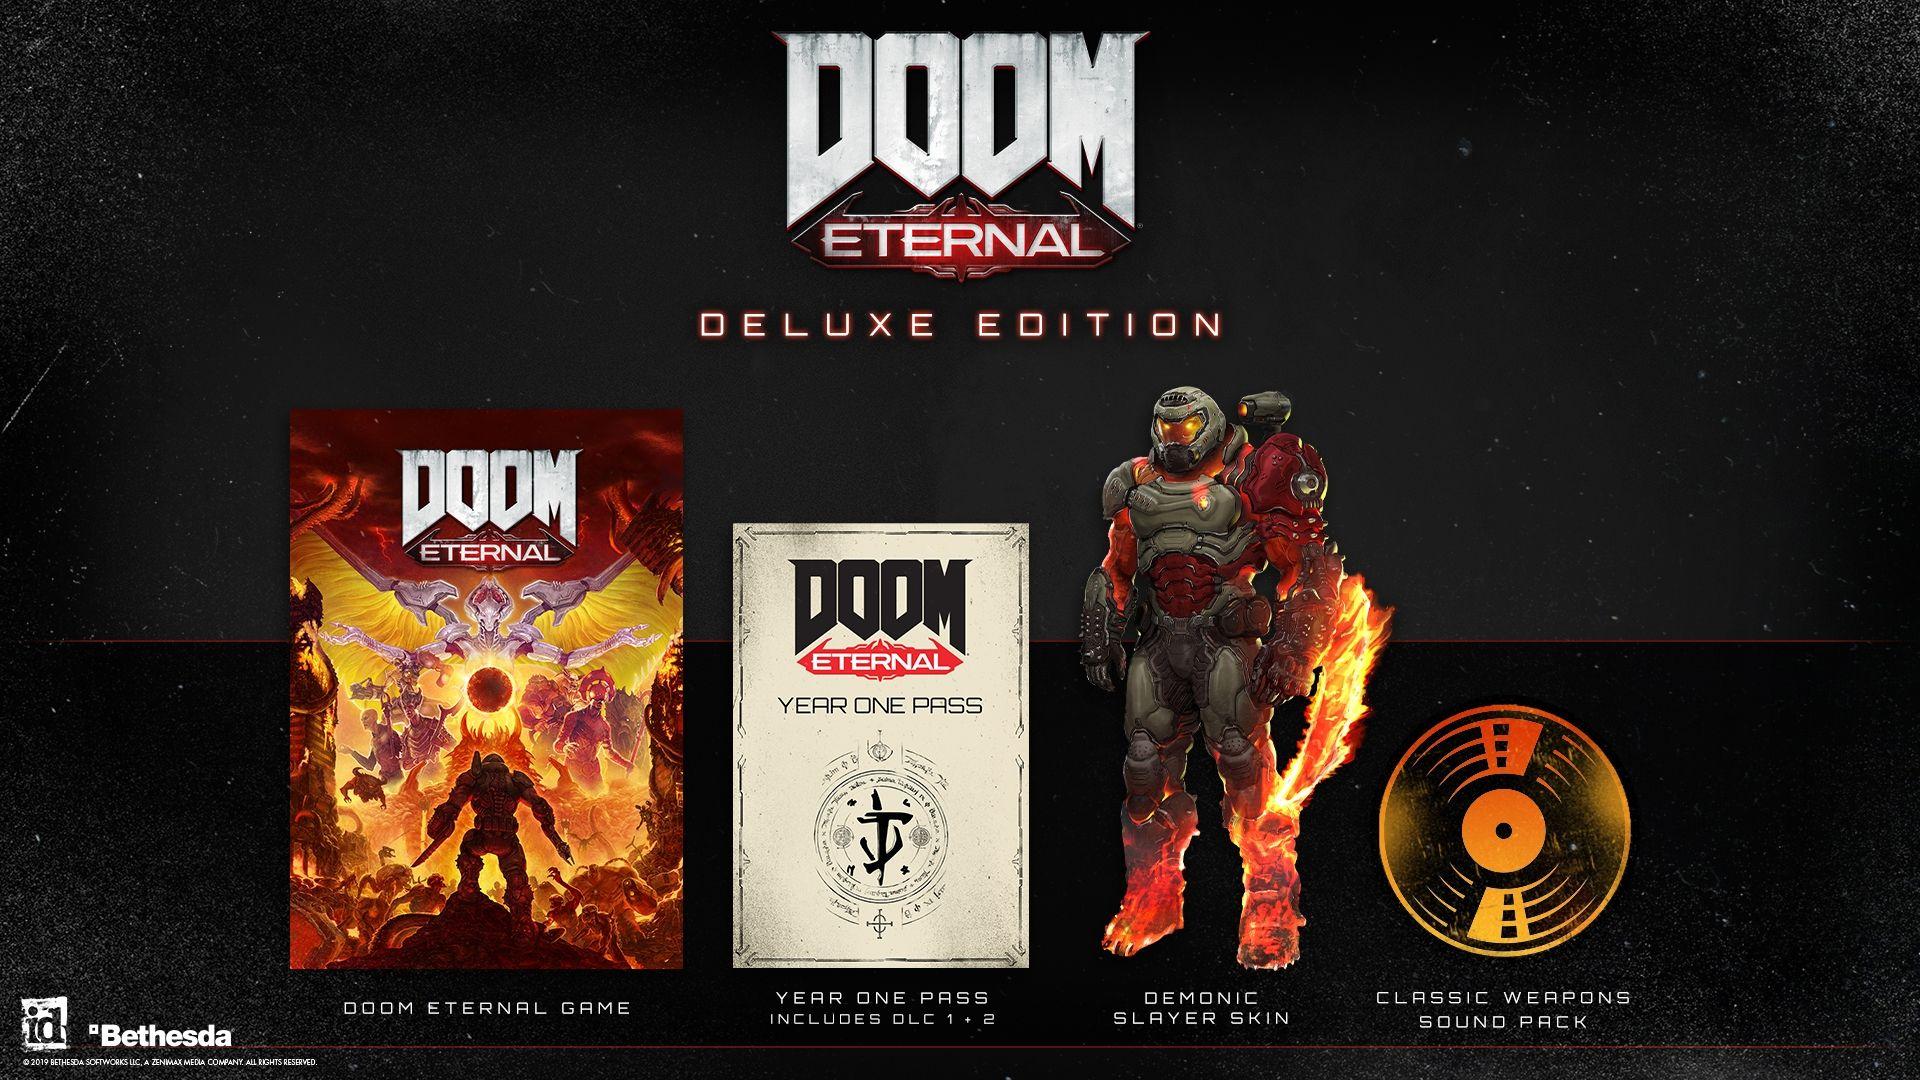 Doom Eternal - Deluxe Edition (PS4) - 3